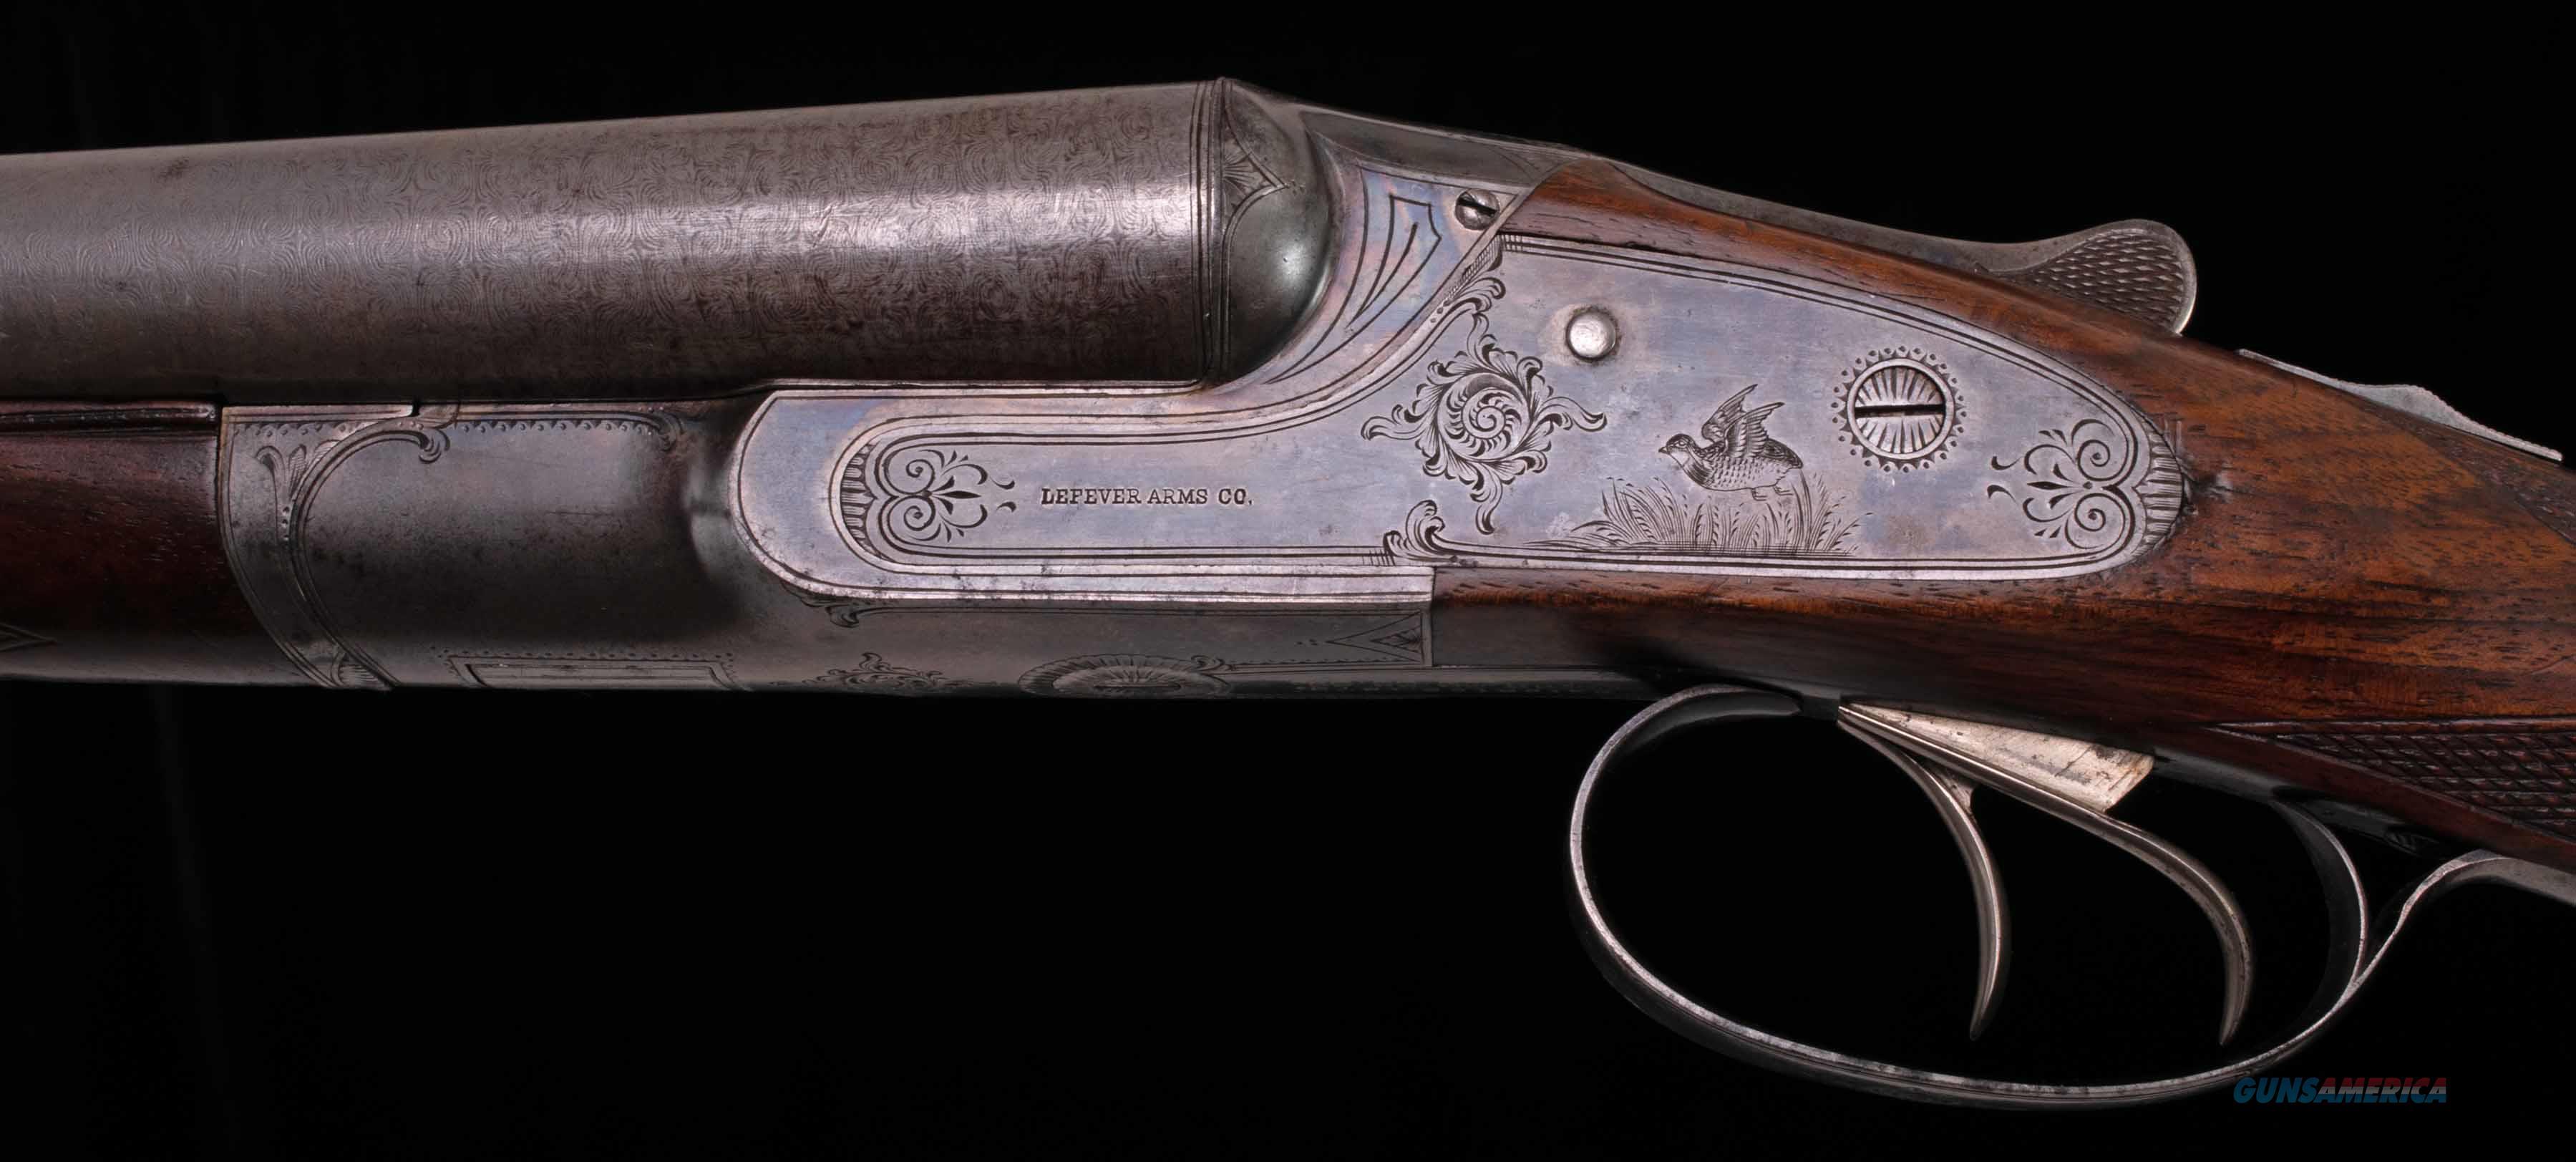 Lefever FE Grade 12 Gauge – EJECTORS, JOSEPH LOY NICE!, vintage firearms inc   Guns > Shotguns > Lefever Shotguns